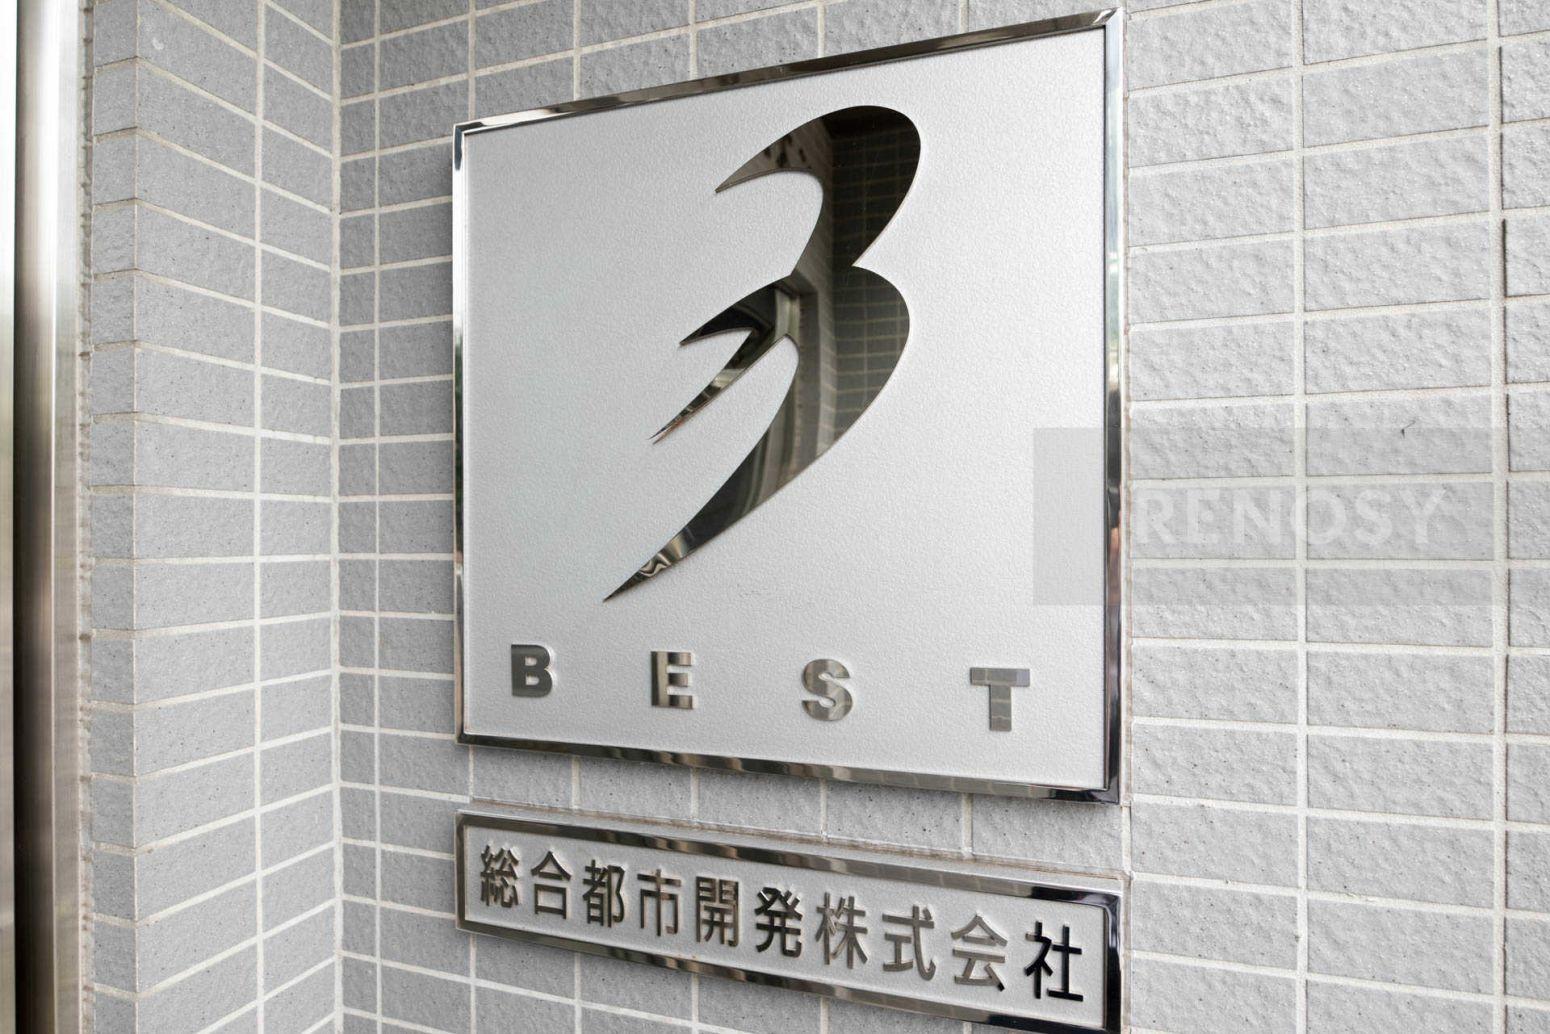 ベスト伊勢佐木町